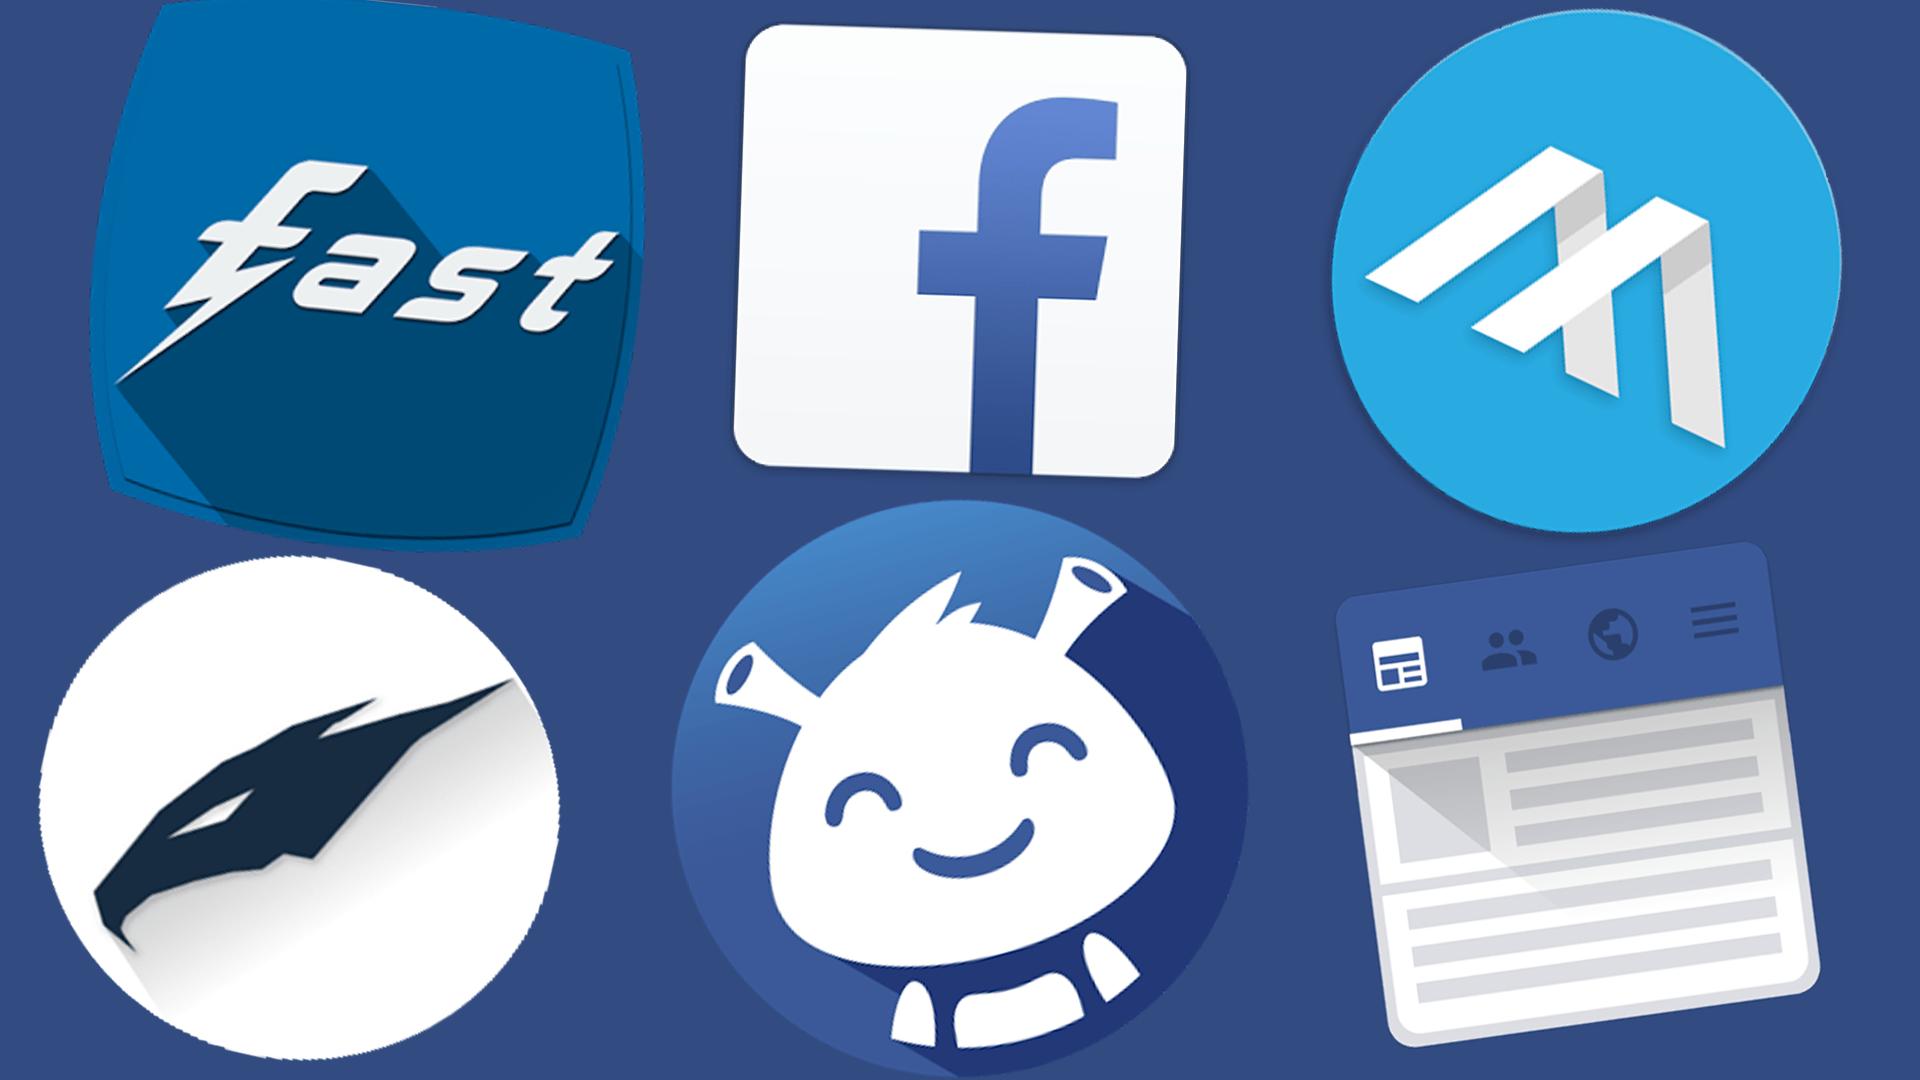 Las mejores alternativas a Facebook